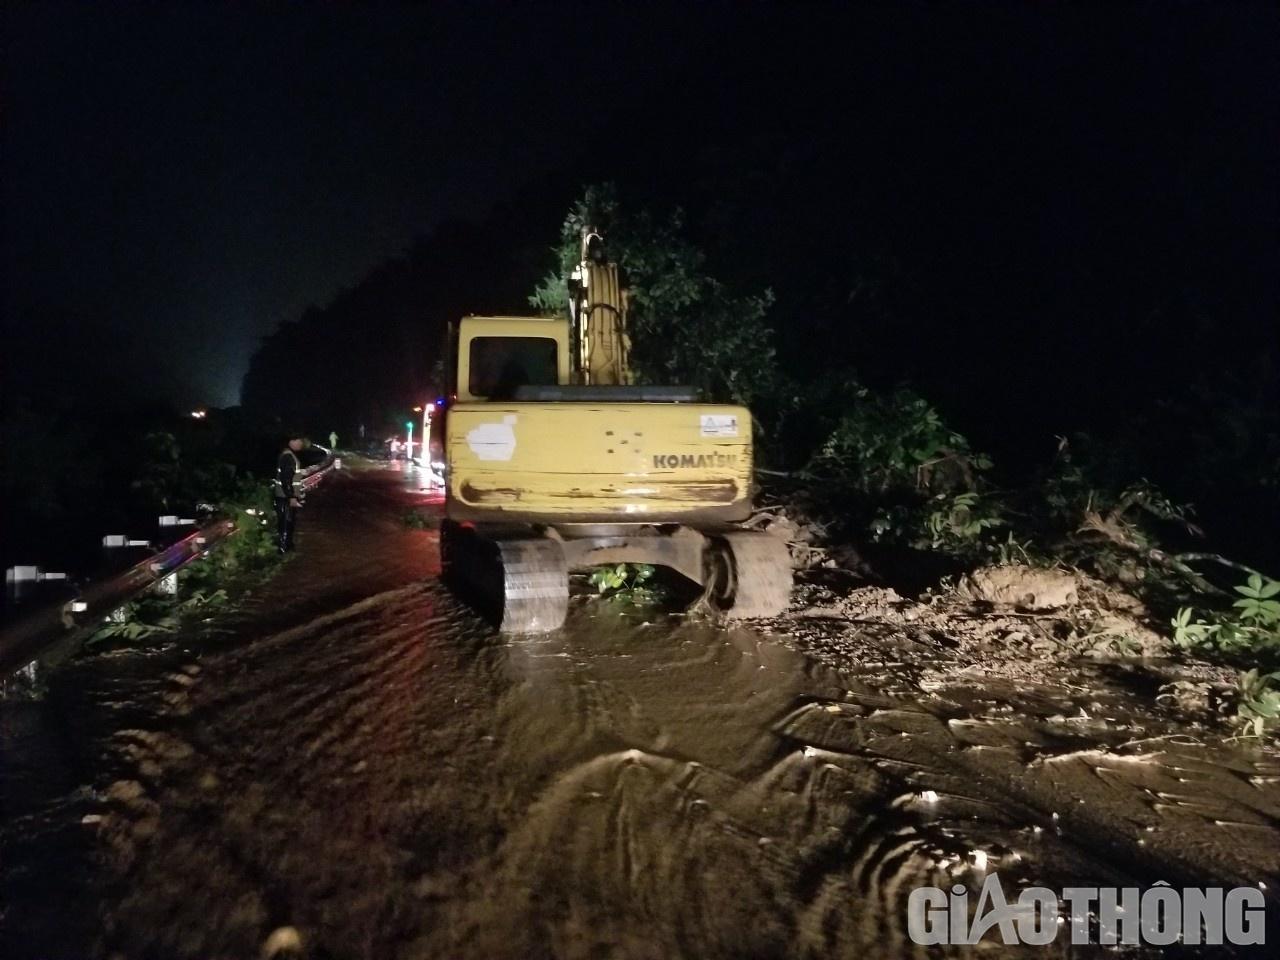 Mưa lũ khiến 1 người chết, hàng trăm ngôi nhà ở Sơn La bị ngập sâu - Ảnh 2